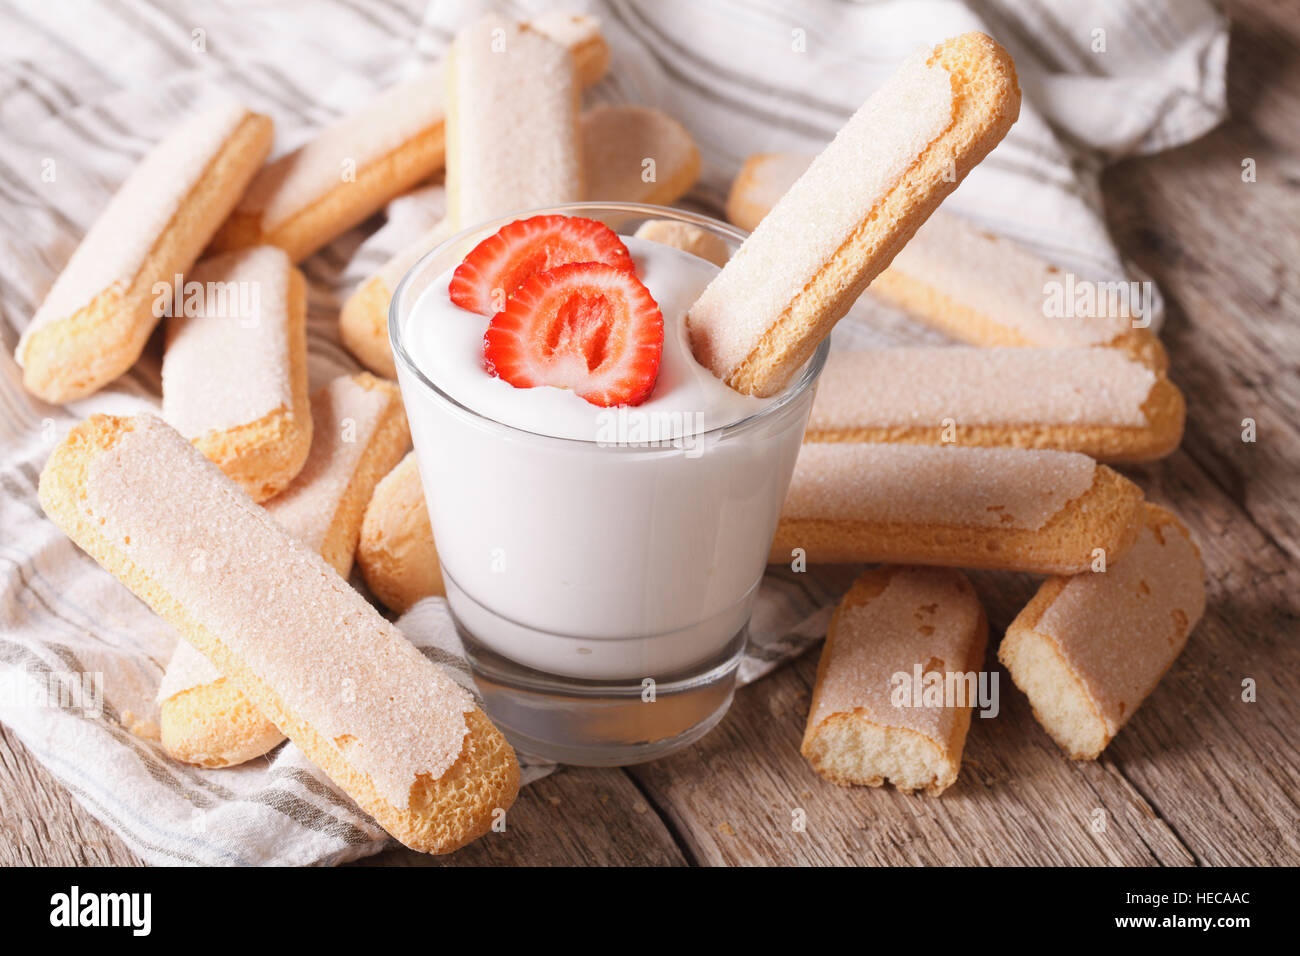 Dessert of Savoiardi with yogurt and strawberries. horizontal - Stock Image